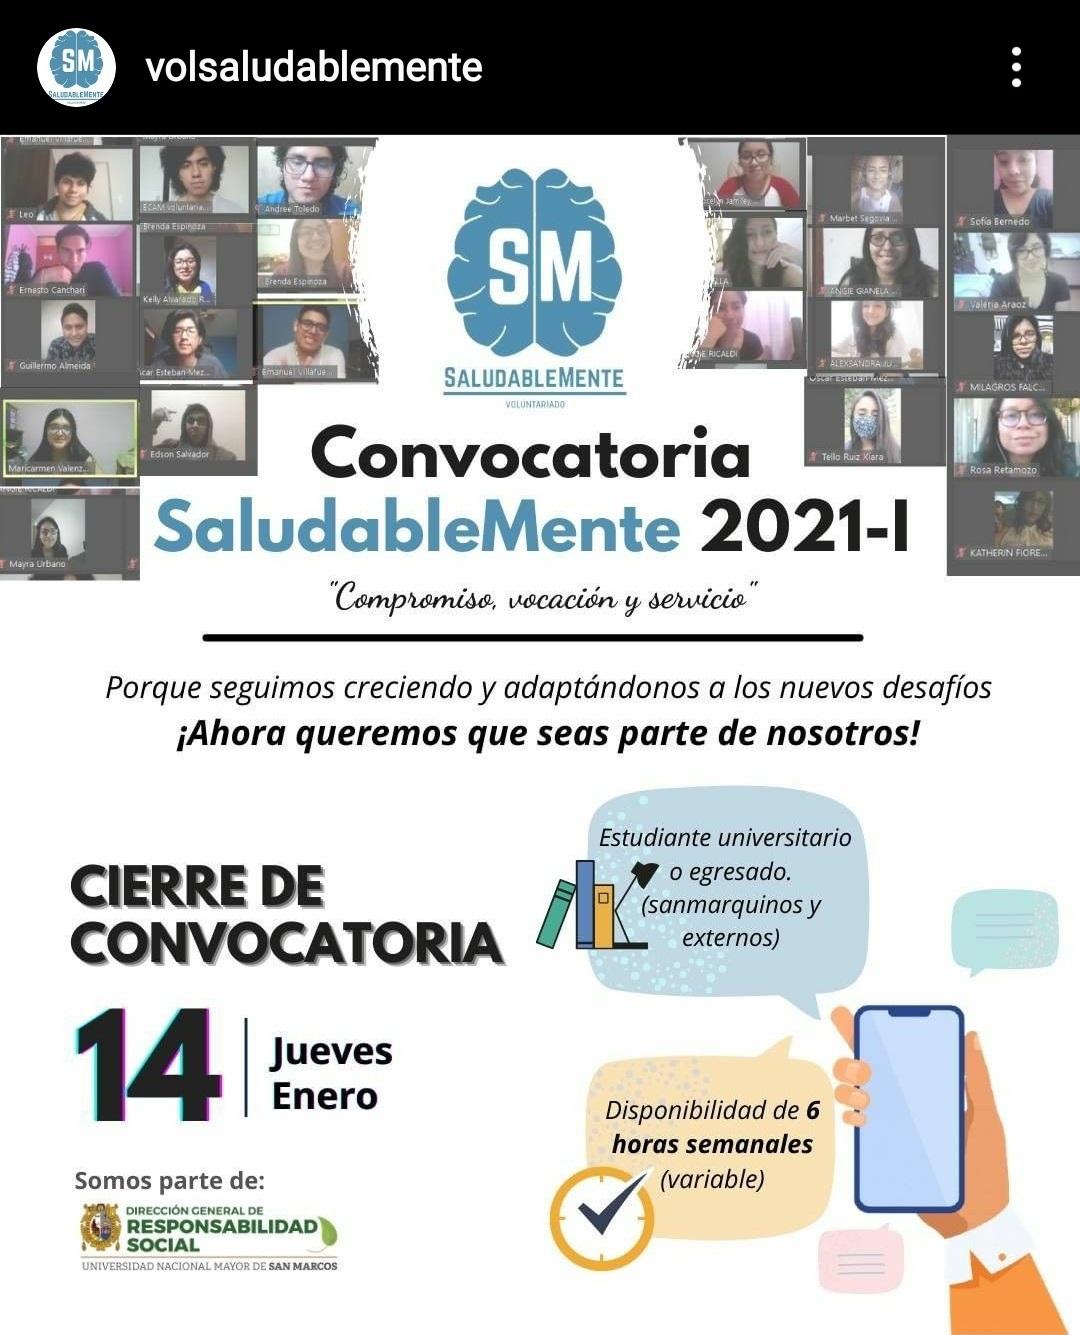 """Saludablemente Voluntariado UNMSM: """"CONVOCATORIA 2021-I"""""""